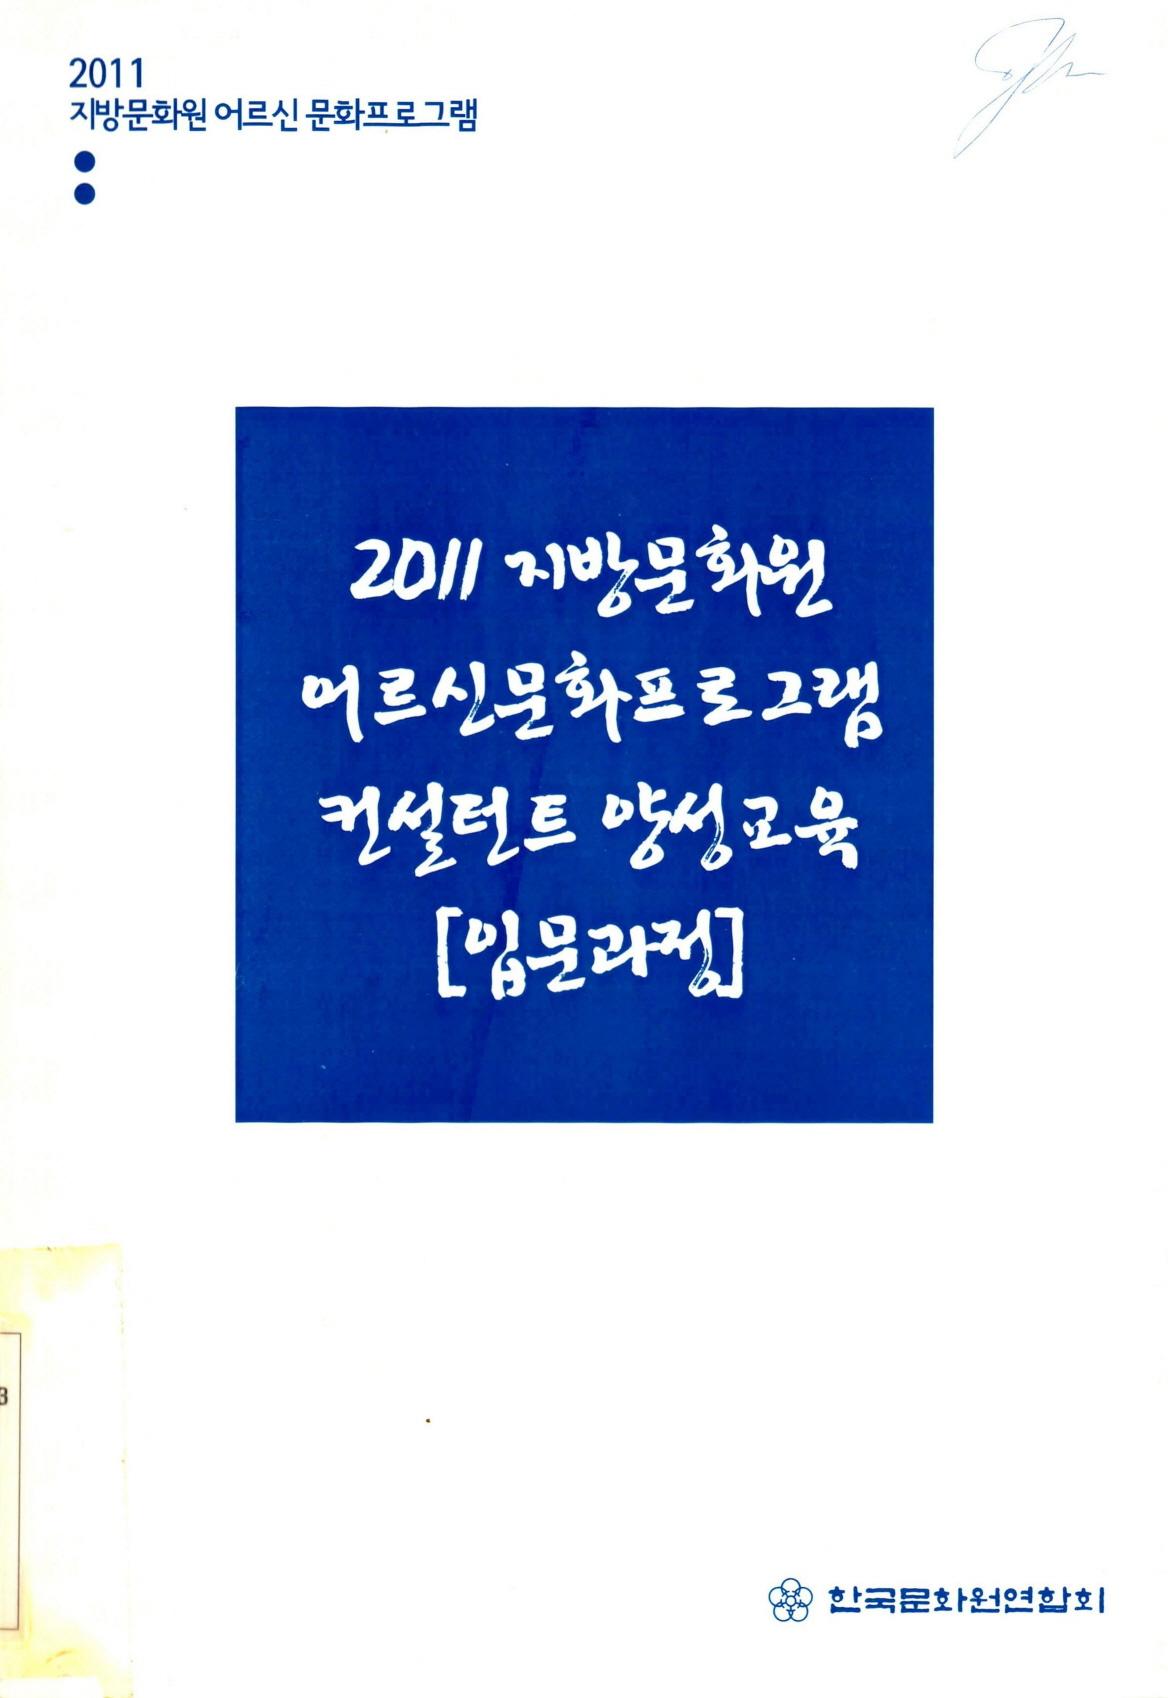 2011 지방문화원 어르신 문화프로그램 2011 지방문화원 어르신문화프로그램 컨설턴트 양성교육 입문과정